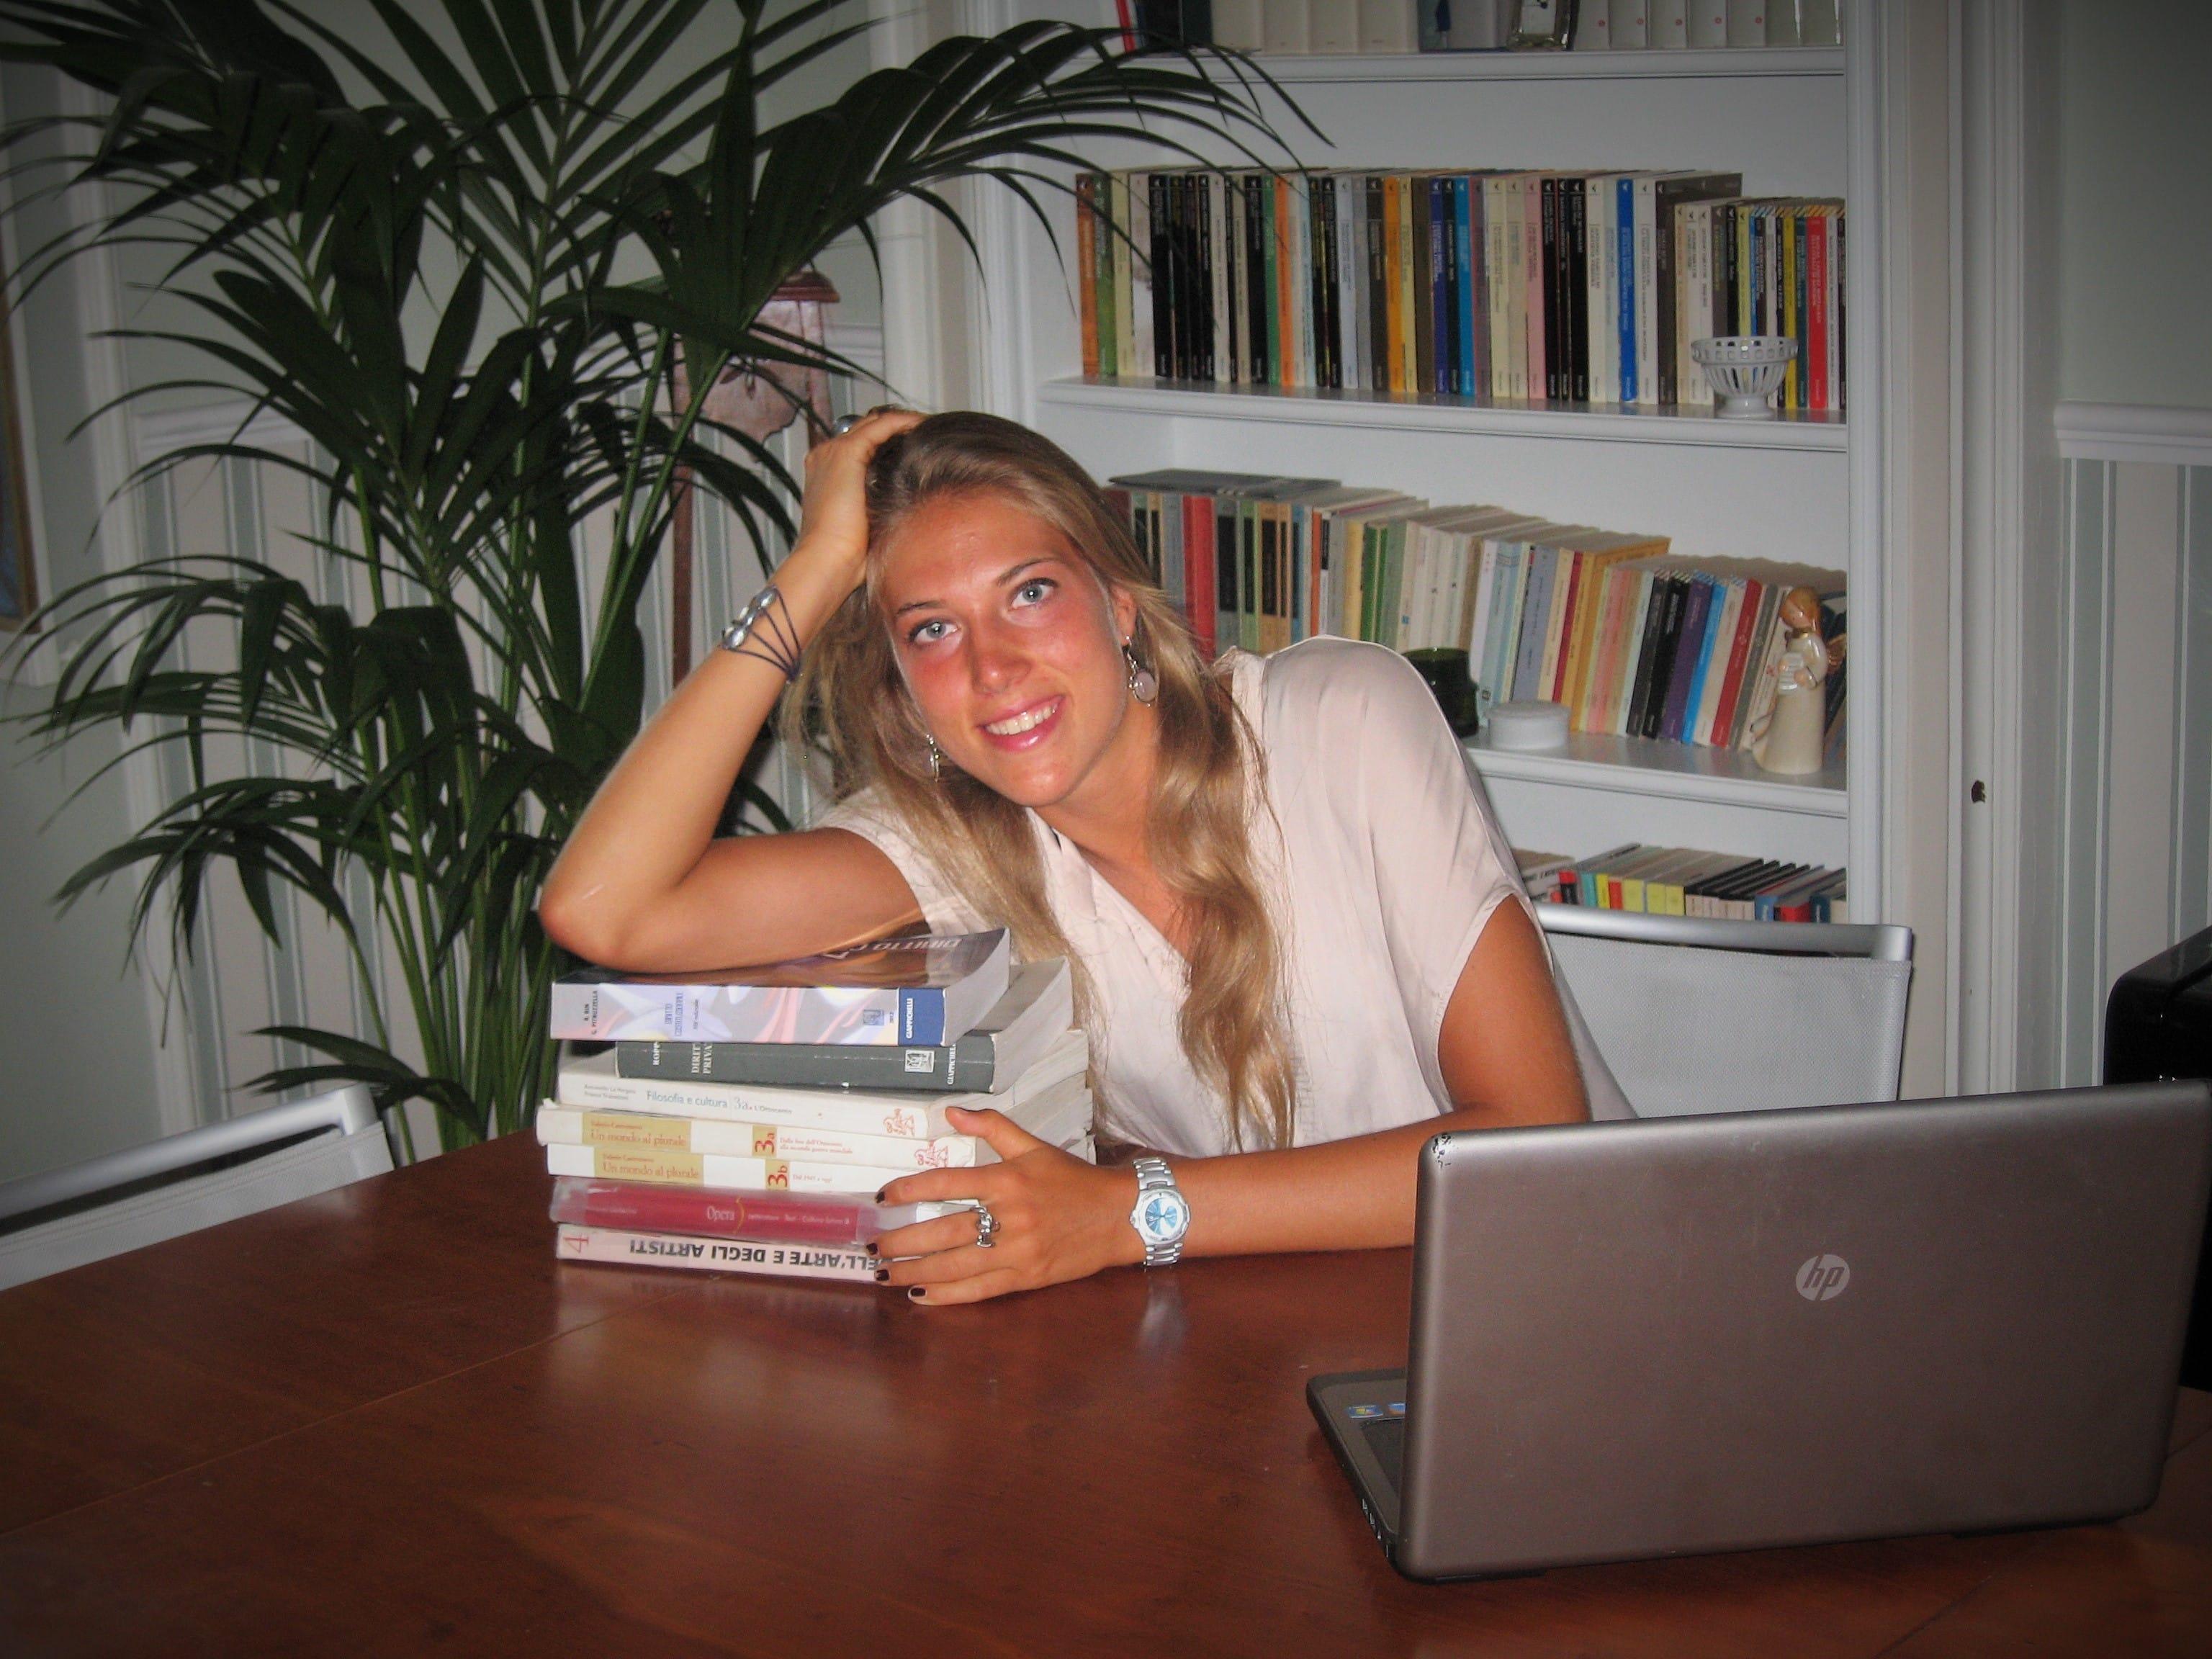 acquisto libri scolastici usati online la piattaforma